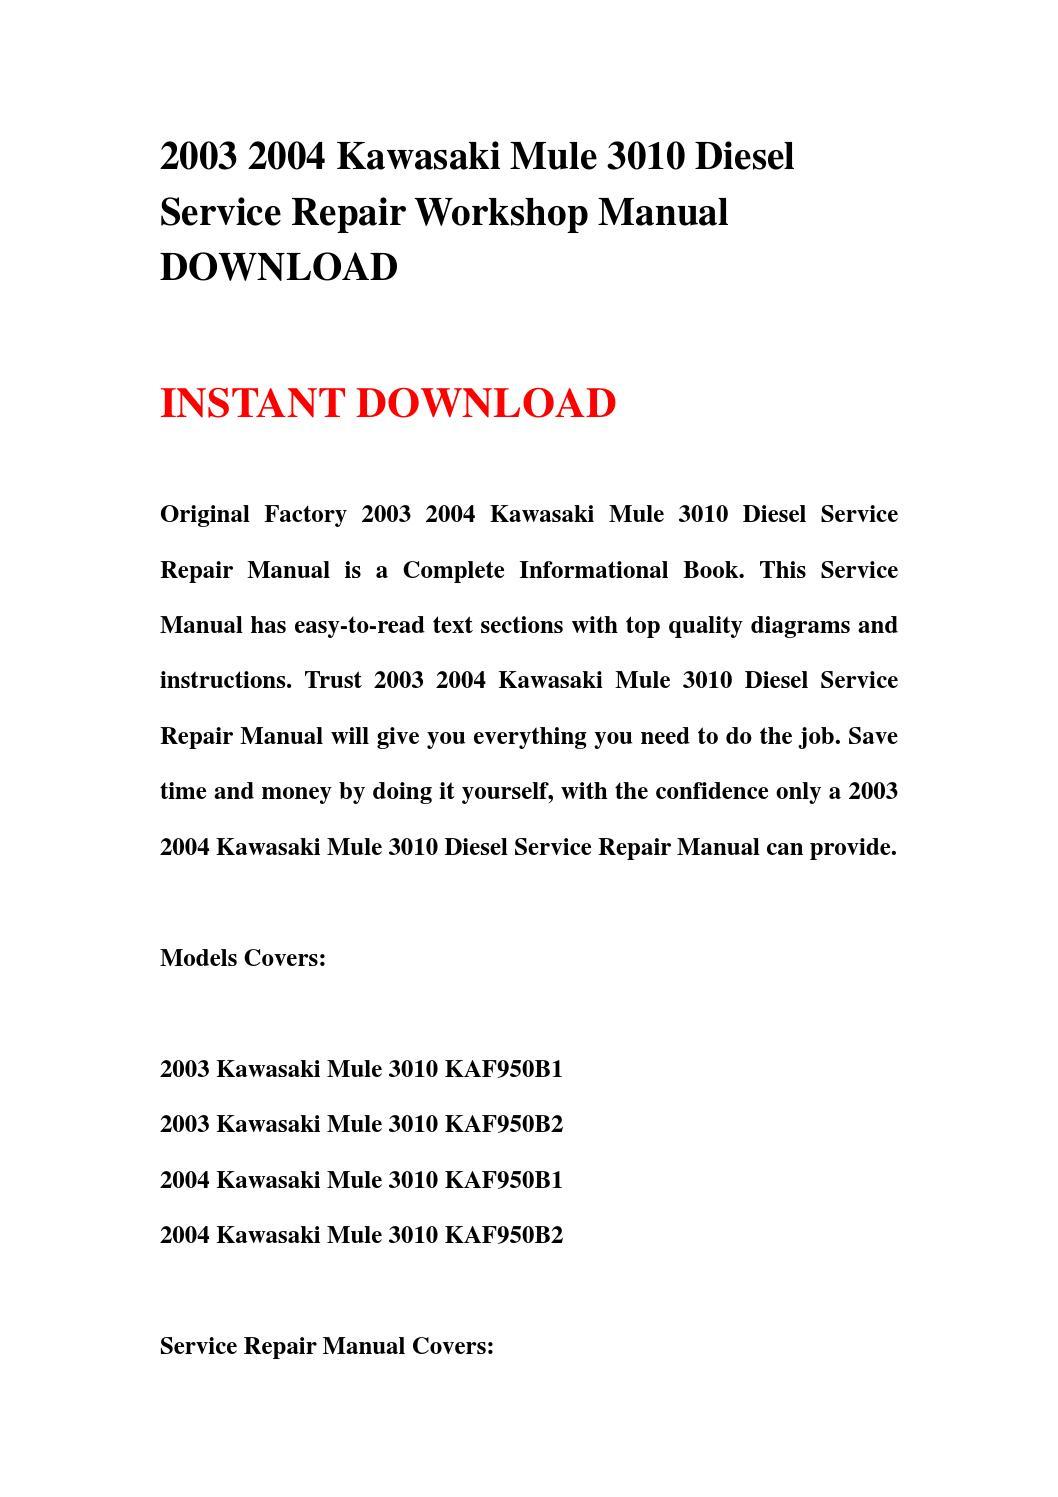 2003 2004 Kawasaki Mule 3010 Diesel Service Repair Workshop Manual Download Wiring Diagram By Jhhsnenf Issuu